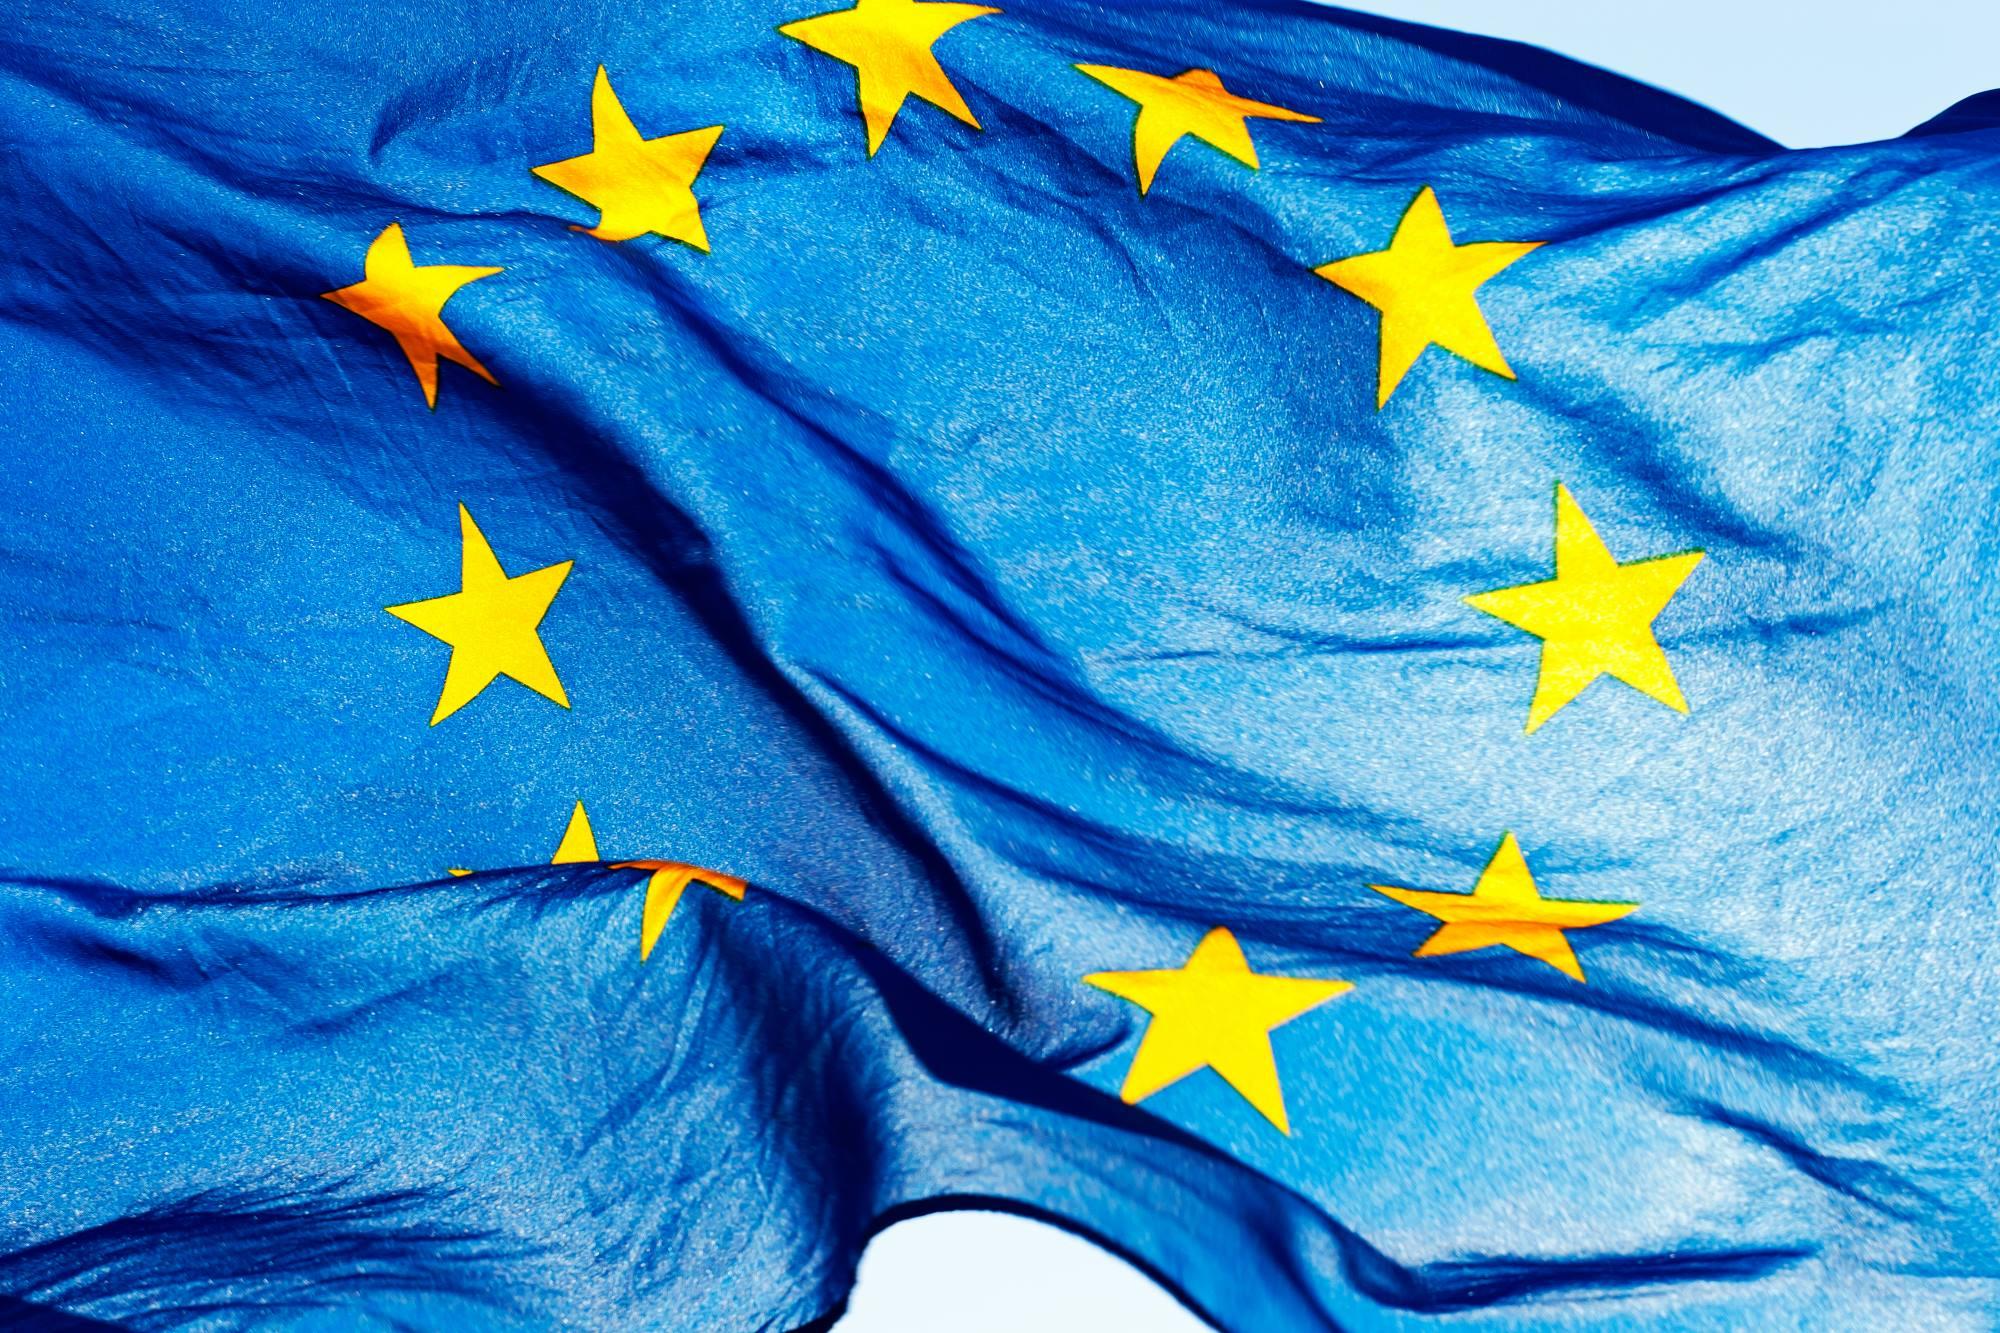 Co z polskimi granicami? Komisja Europejska podała rekomendację w sprawie daty otwarcia granic!